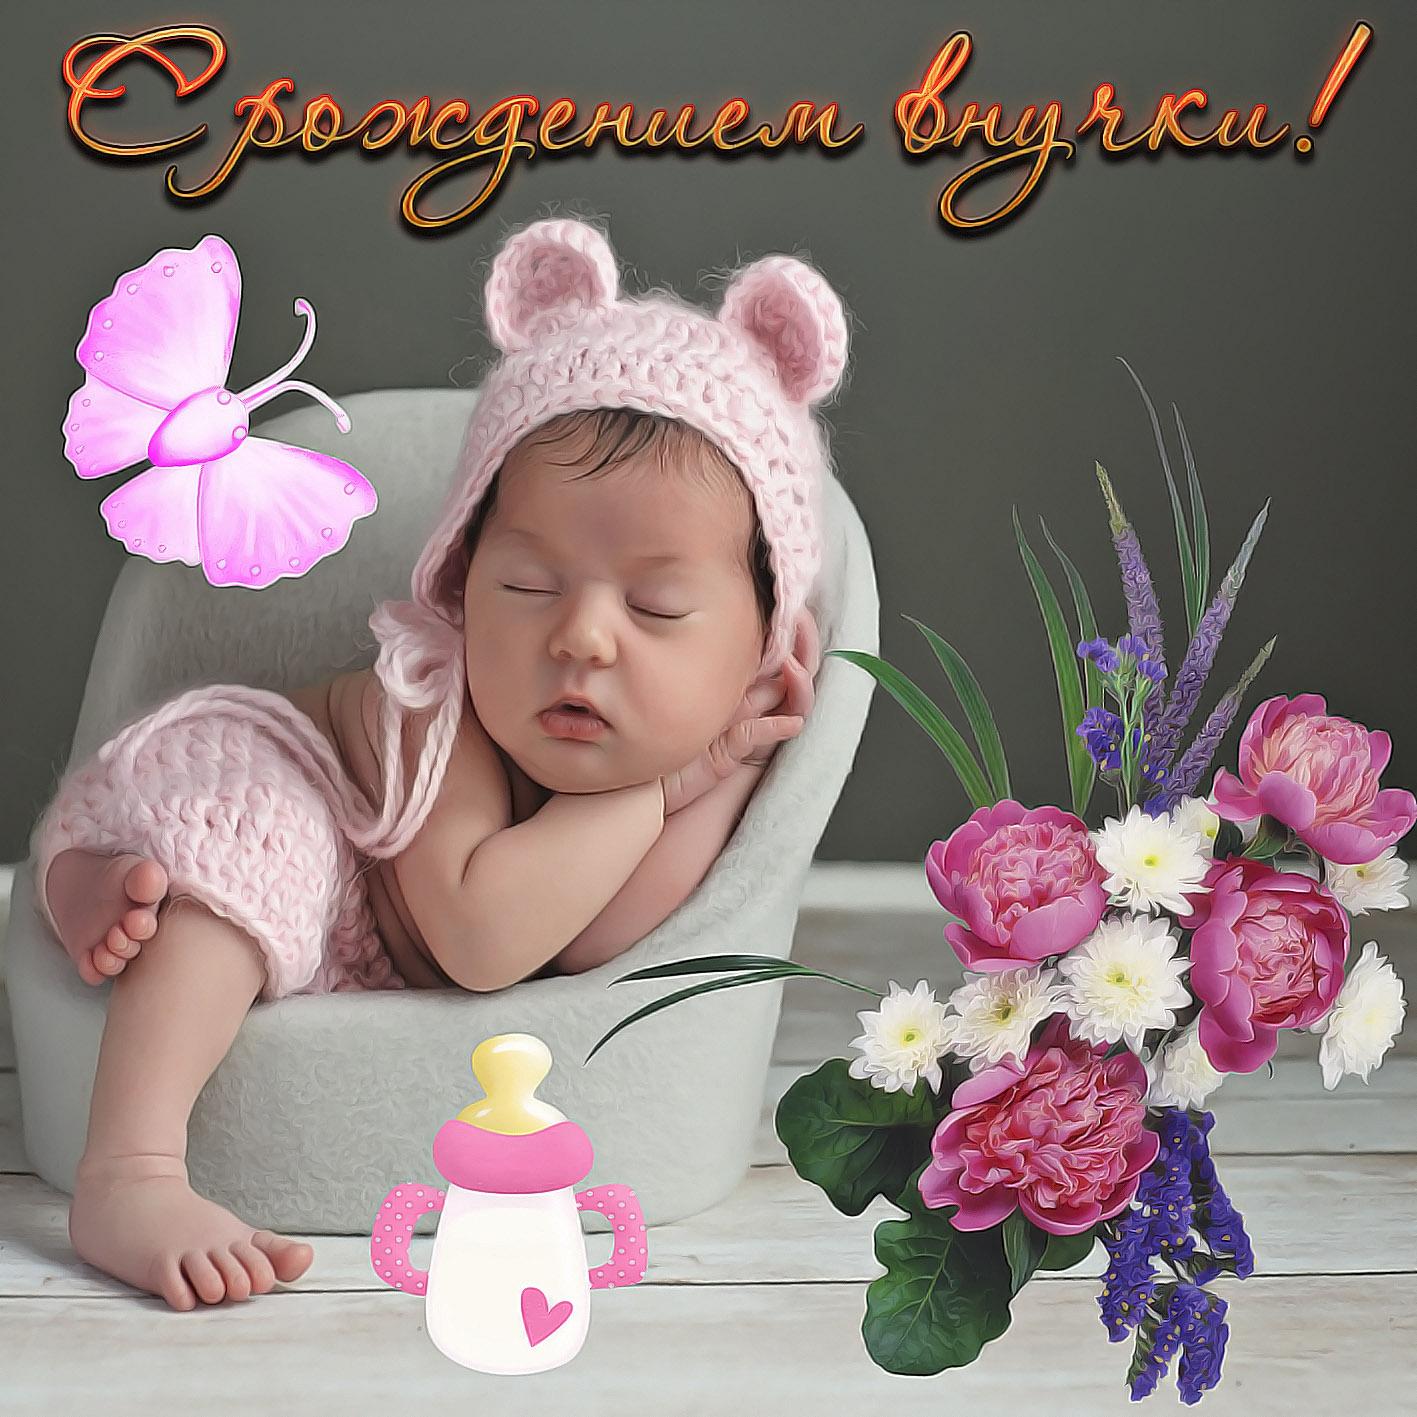 Веселые картинки с рождением внучки